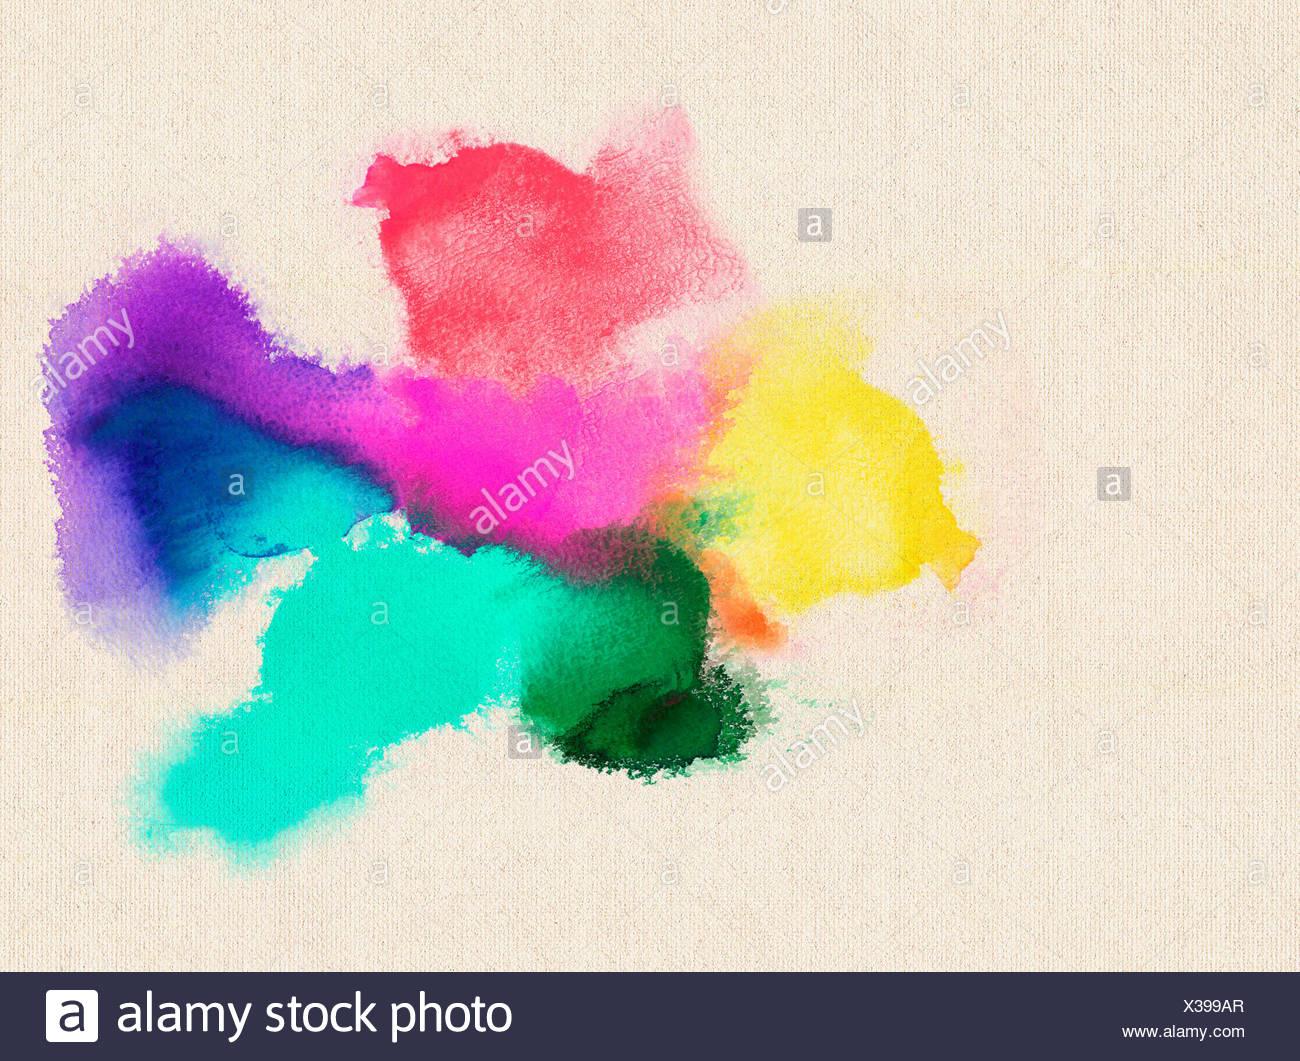 bunte lasierende acrylfarbschichten auf leinwandstruktur - Stock Image